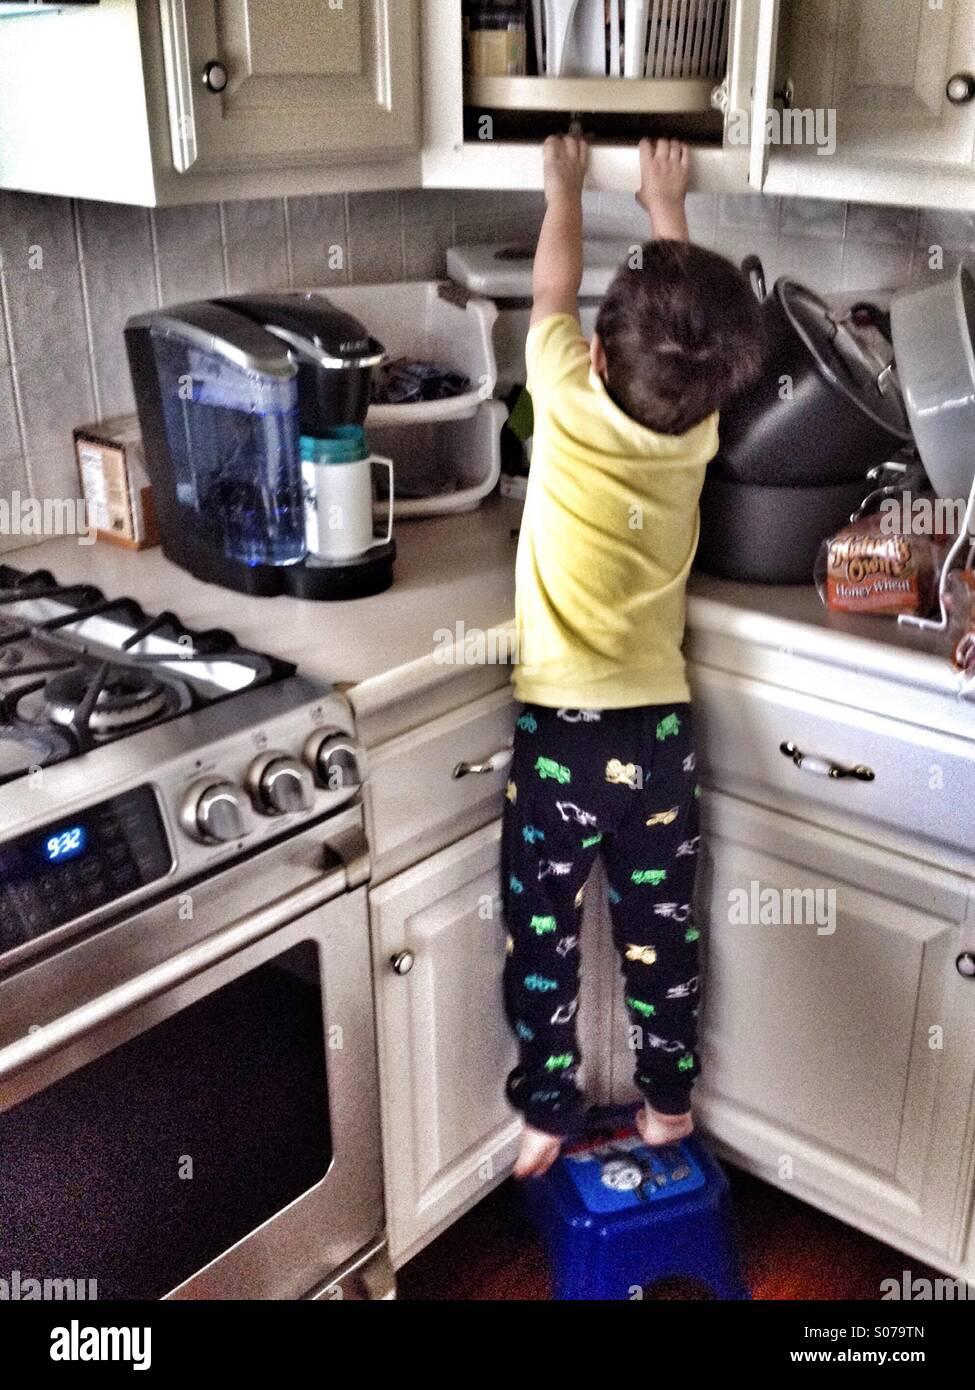 Ich kann es! Kleiner Junge stehend auf einem Hocker dehnen und in einer offenen Tür Schränke zu erreichen. Stockbild